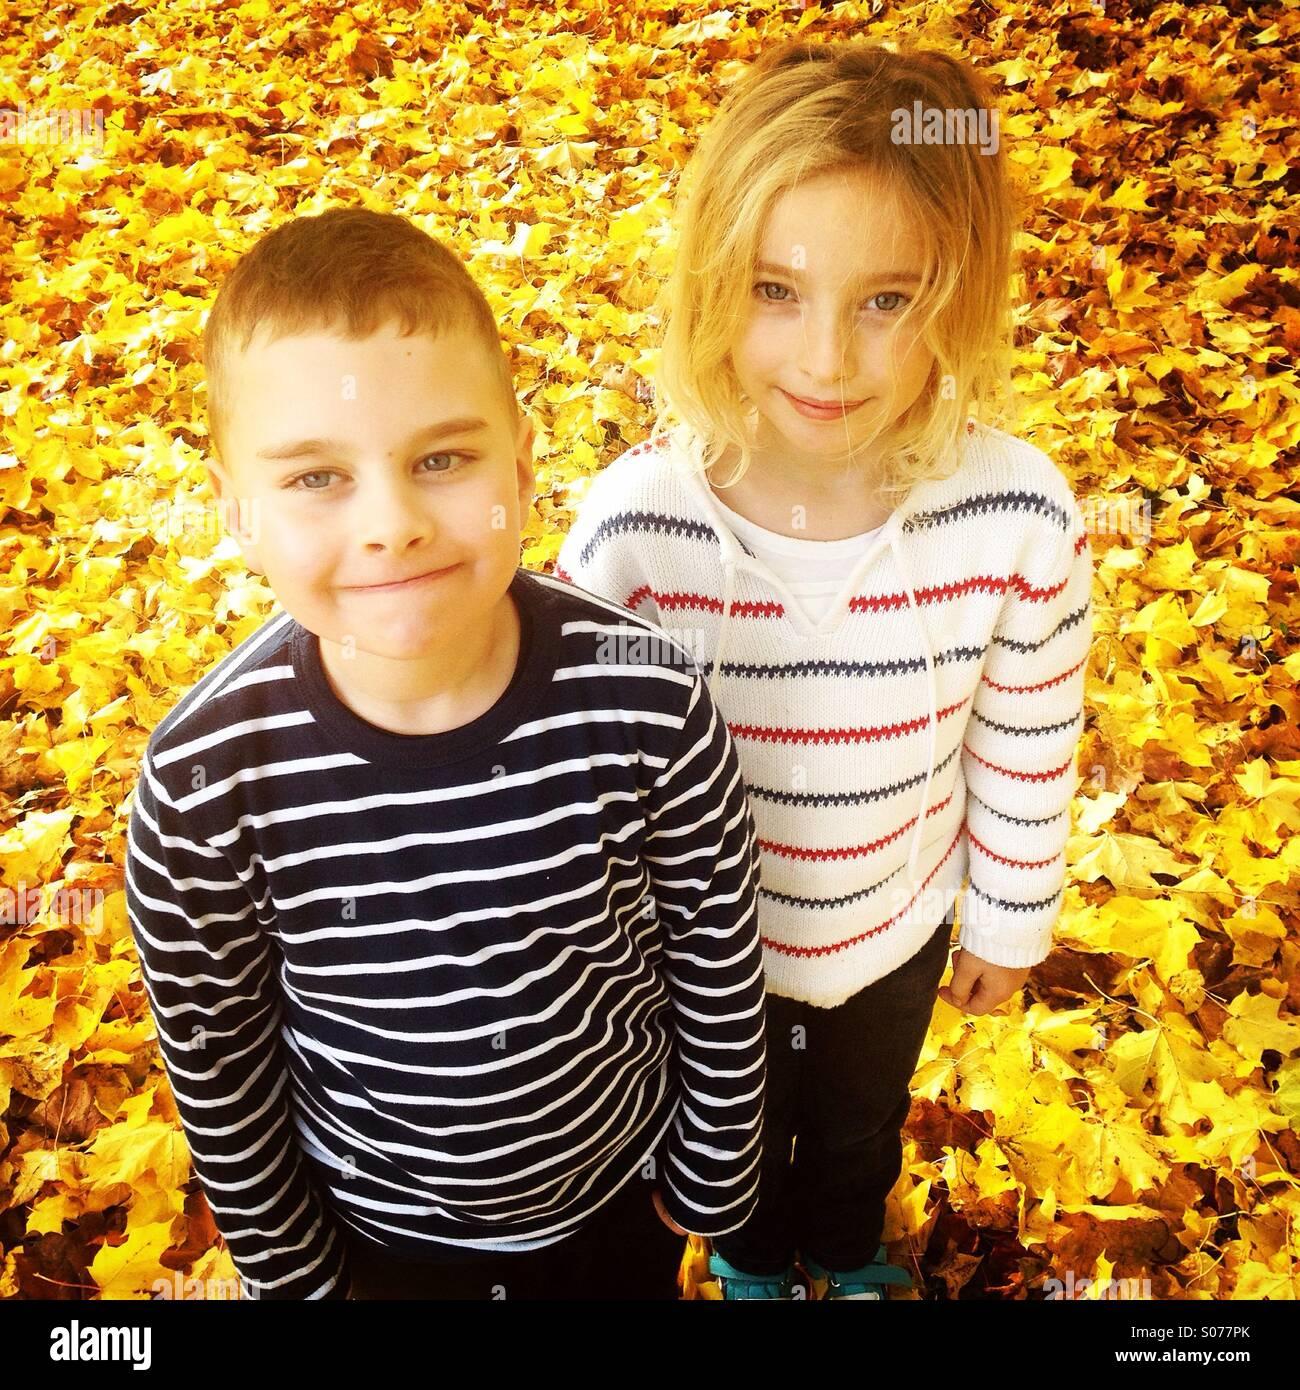 Eine niedliche Bruder und Schwester in einem Feld der goldene gelbe Herbst fallen Blätter Stockbild